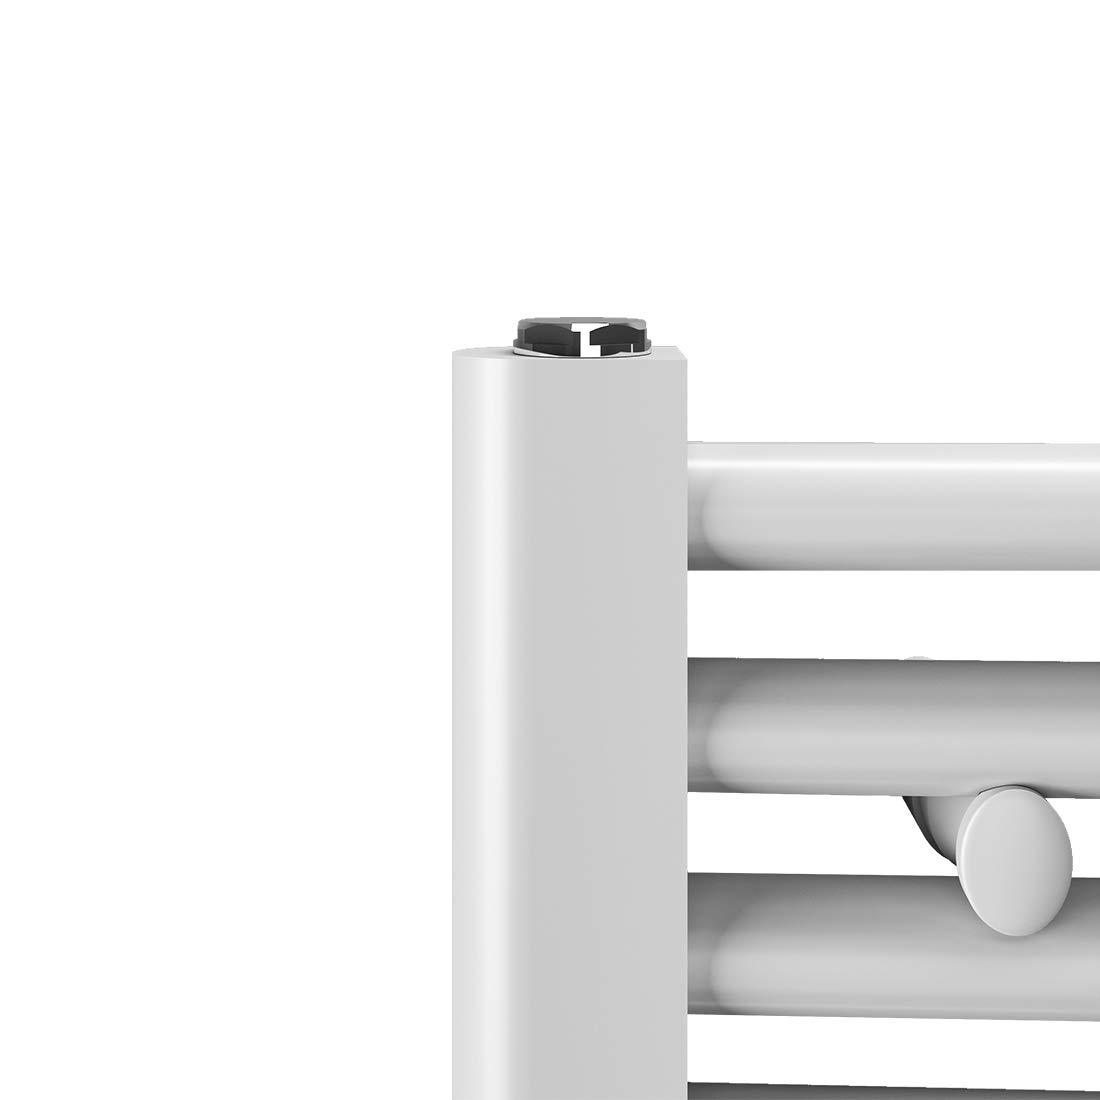 Leistung Antrazit Bad-Heizk/örper Bad Mittelanschluss Heizung Badheizk/örper Handtuchtrockner Heizk/örper 1800x600mm